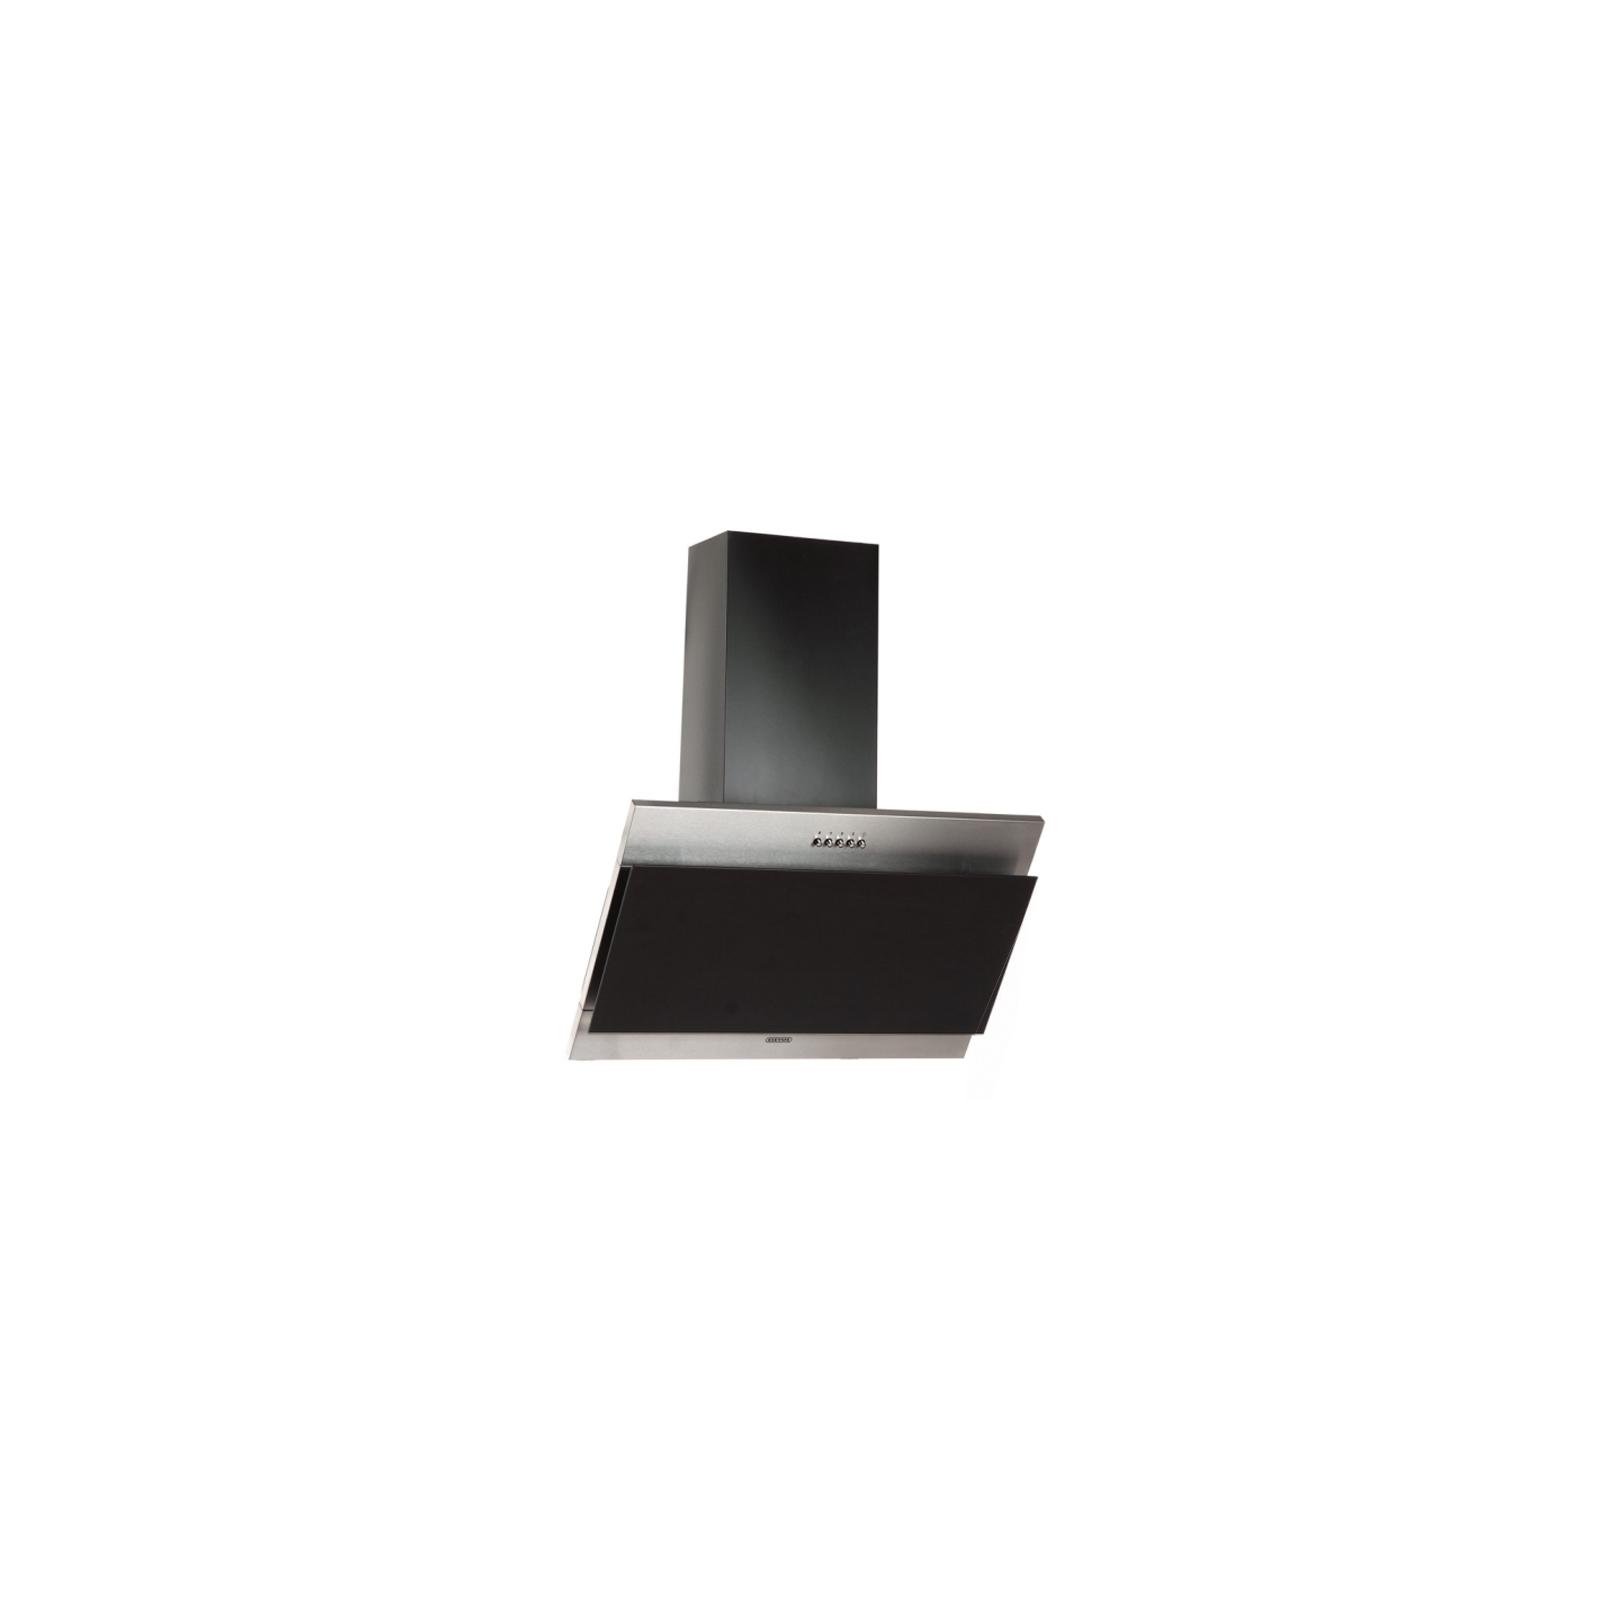 Вытяжка кухонная Eleyus Lana 700 60 IS+BL изображение 3